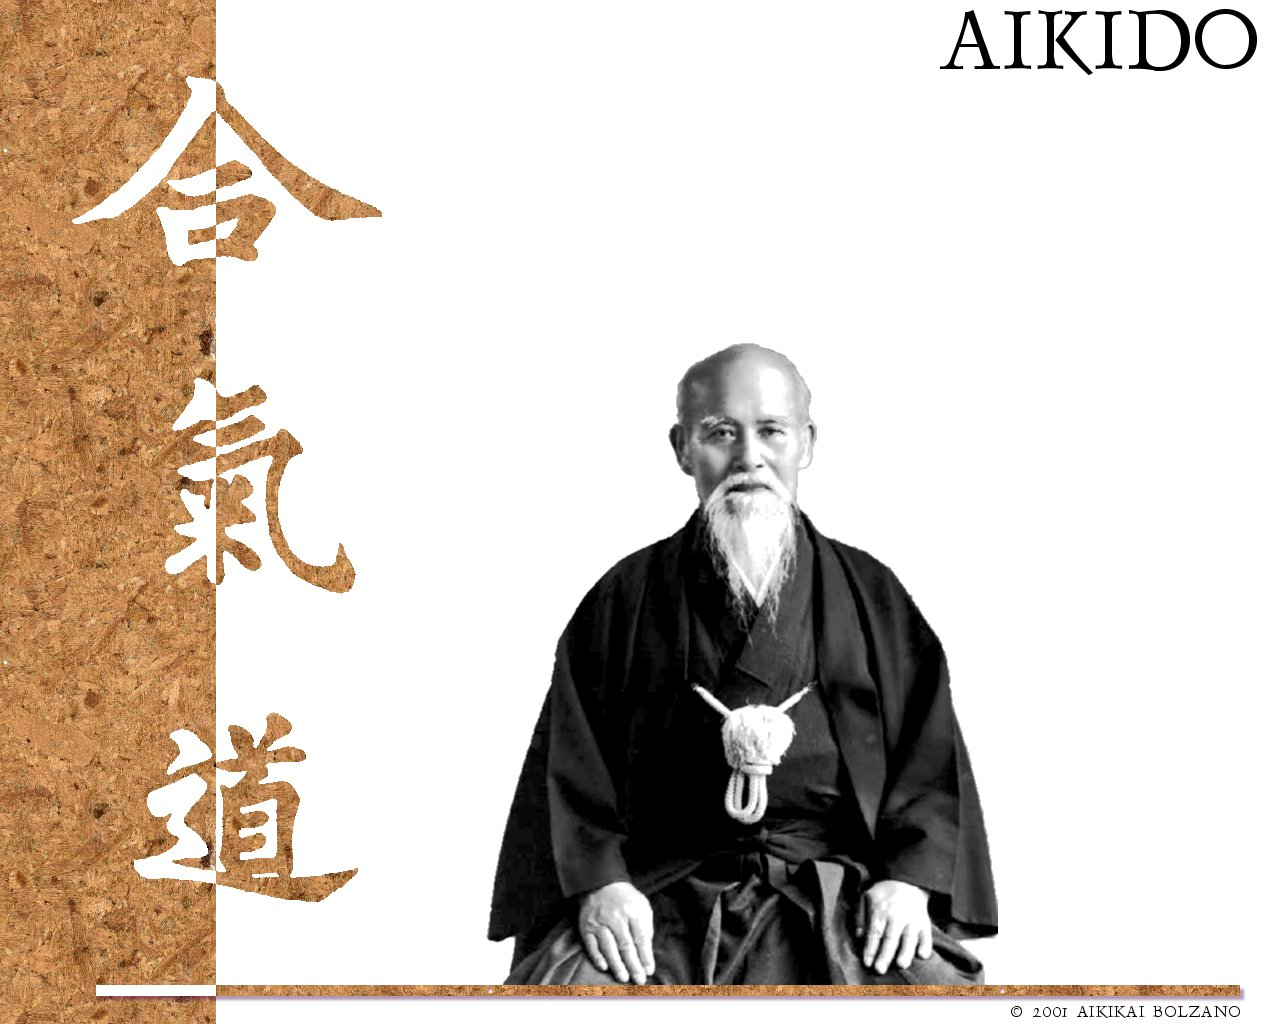 http://1.bp.blogspot.com/-yL4KHClcEzI/TW-jKQxCvKI/AAAAAAAAAog/mG7wWzQpEk0/s1600/copy-of-aikikaibz_wallpaper_1280%255B1%255D.jpg